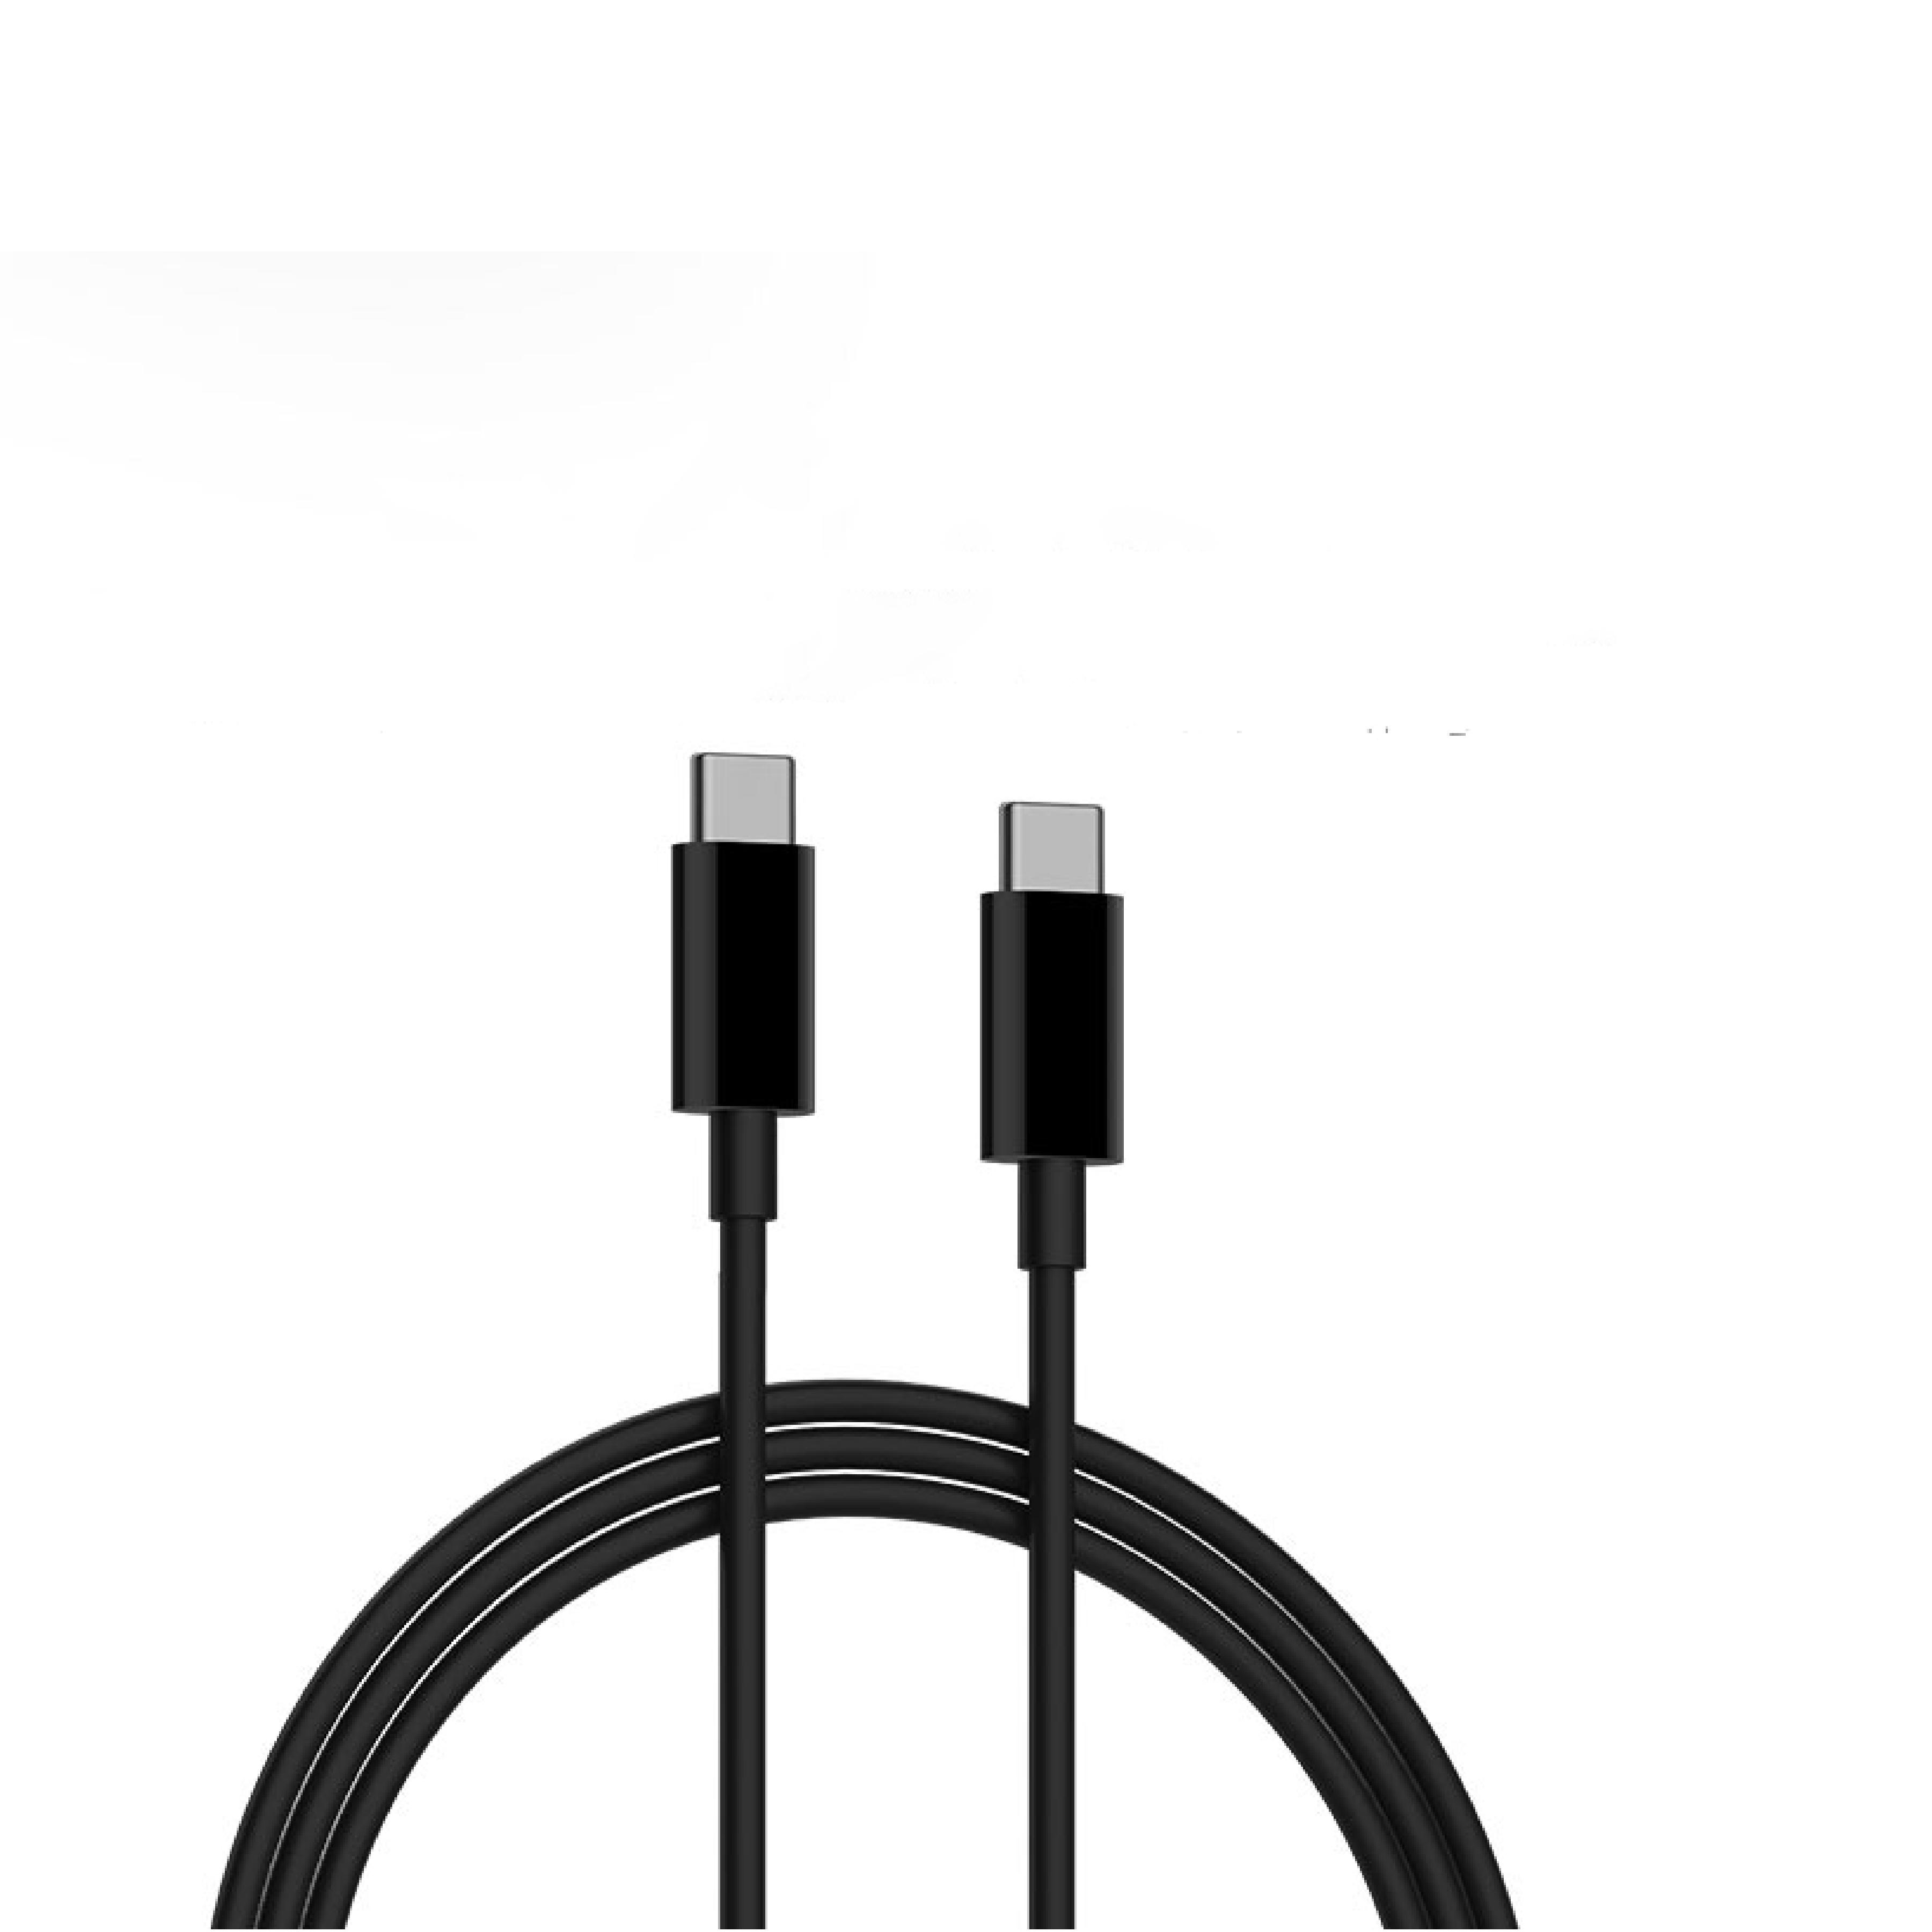 Adapter Sạc Nhanh ZMI HA712 USB Type-C 65W (Black) - Hàng chính hãng